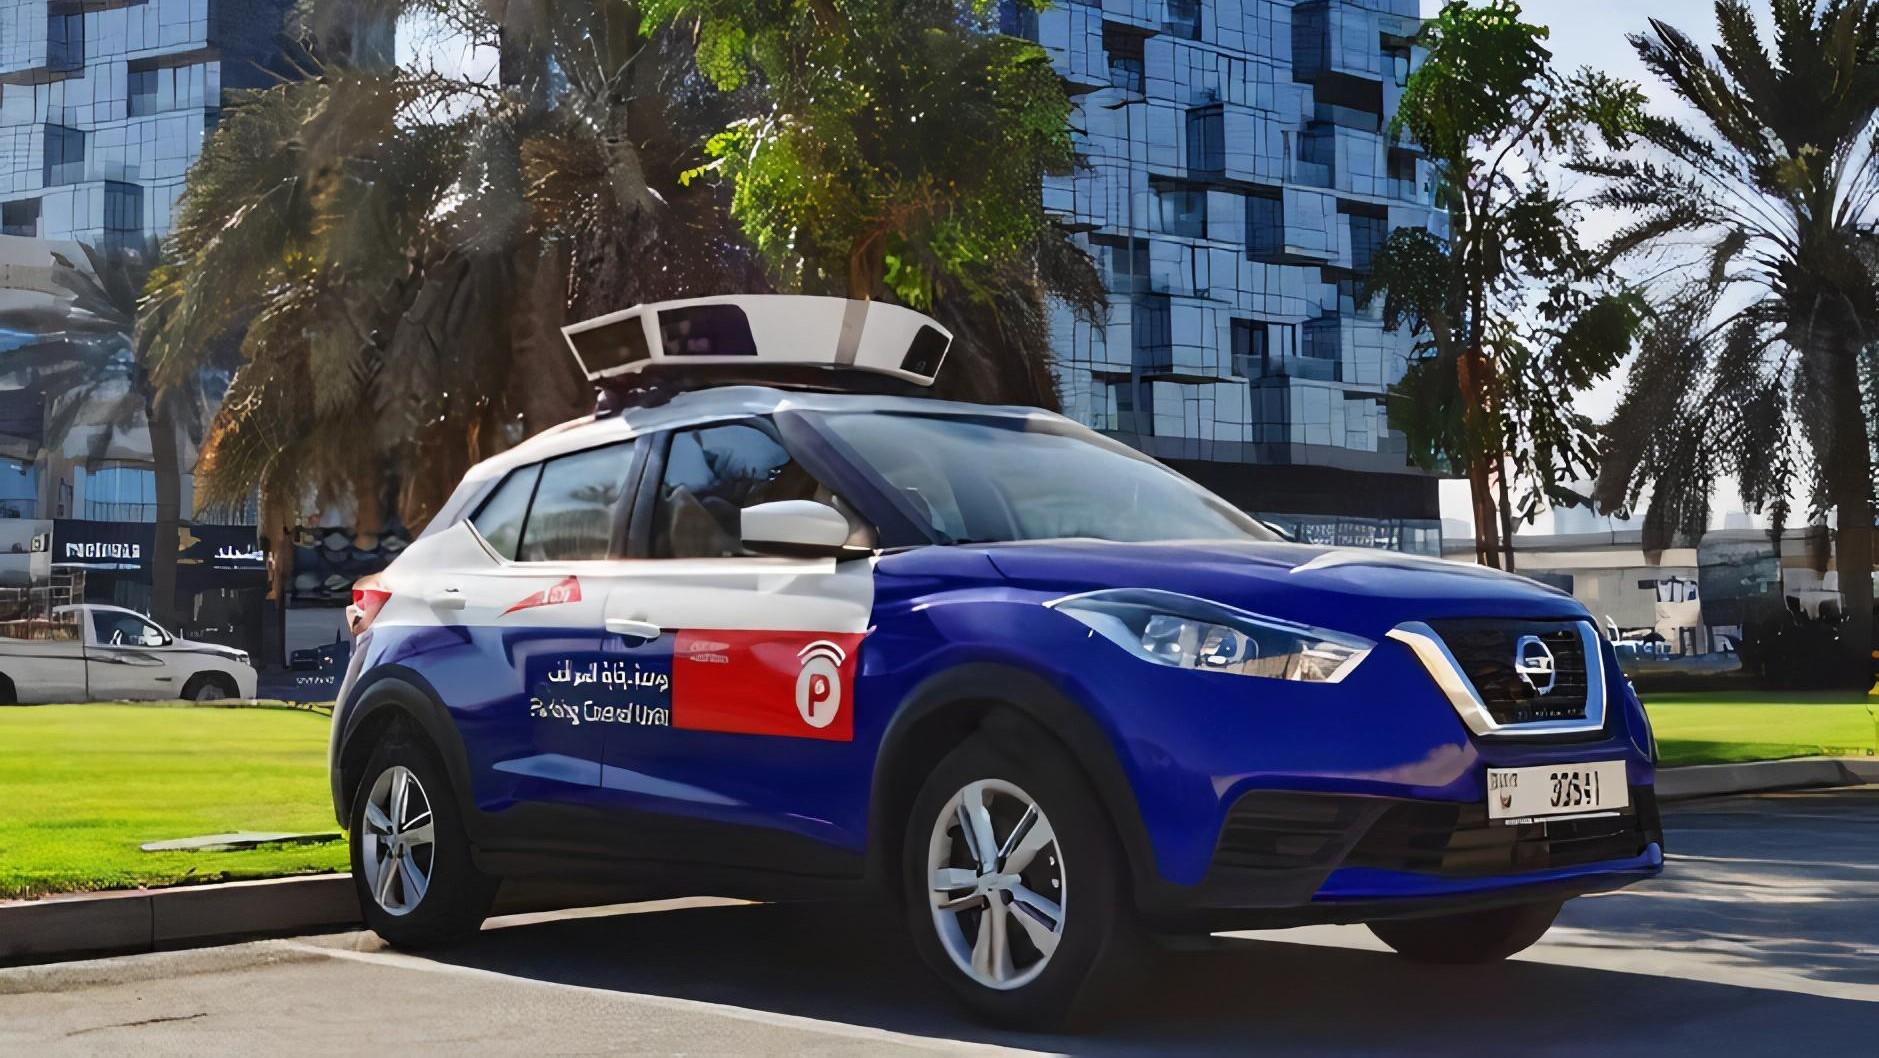 Sztuczna Inteligencja (AI) pomoże w monitorowaniu parkingów w Dubaju